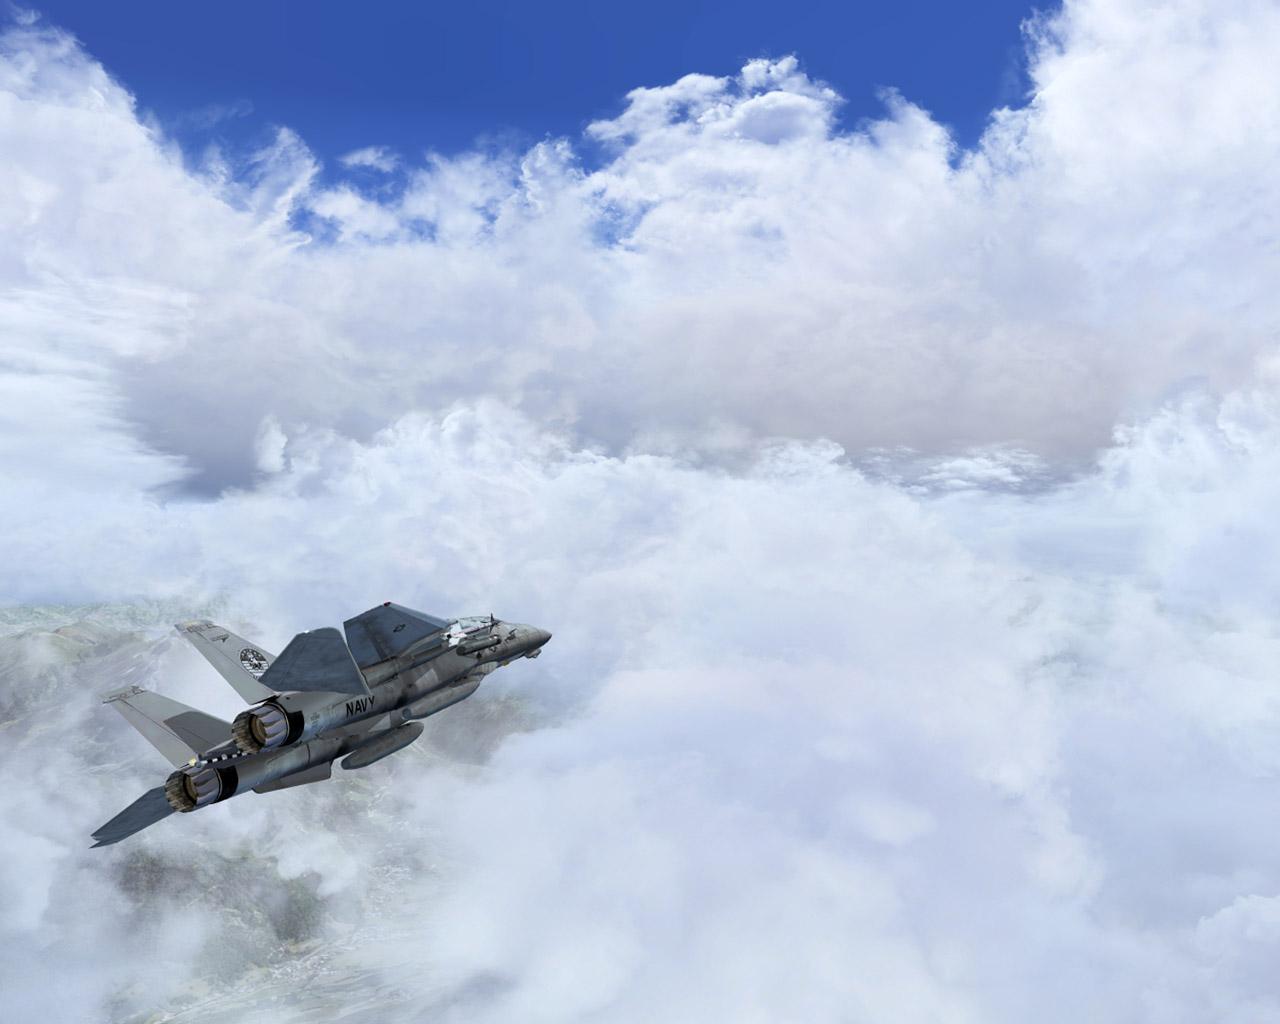 Flight Simulator X Wallpaper in 1280x1024 1280x1024